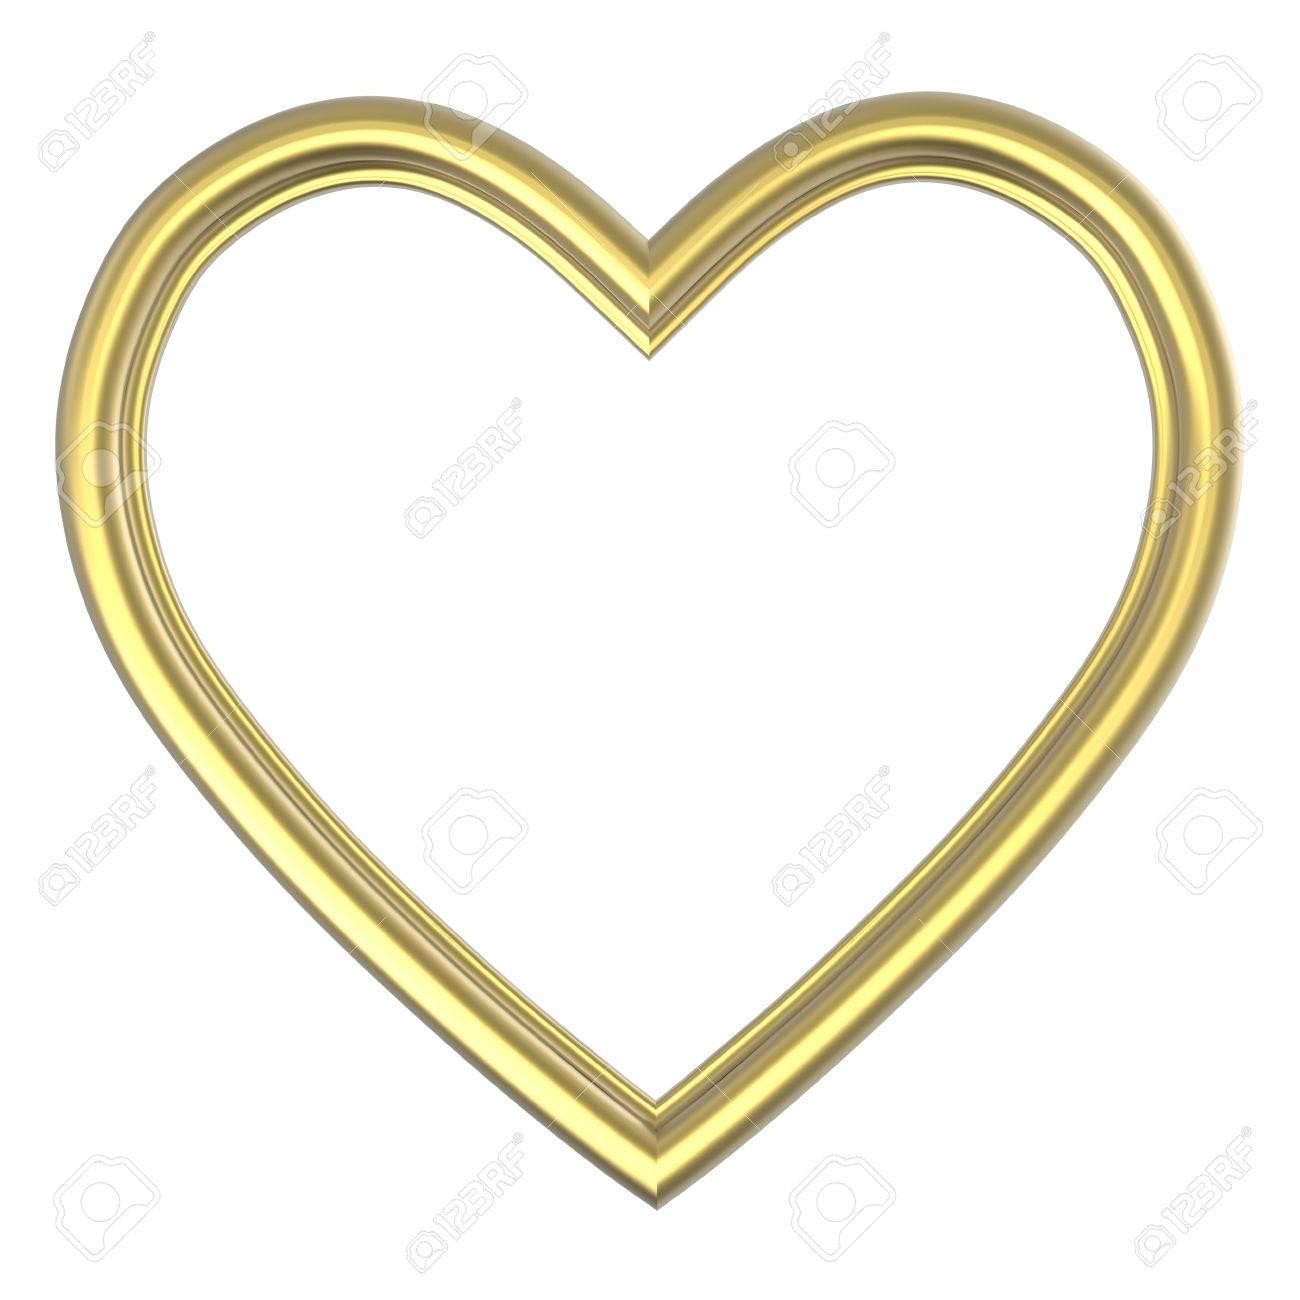 Goldenes Herz Bilderrahmen Isoliert Auf Weiß. 3D-Darstellung ...